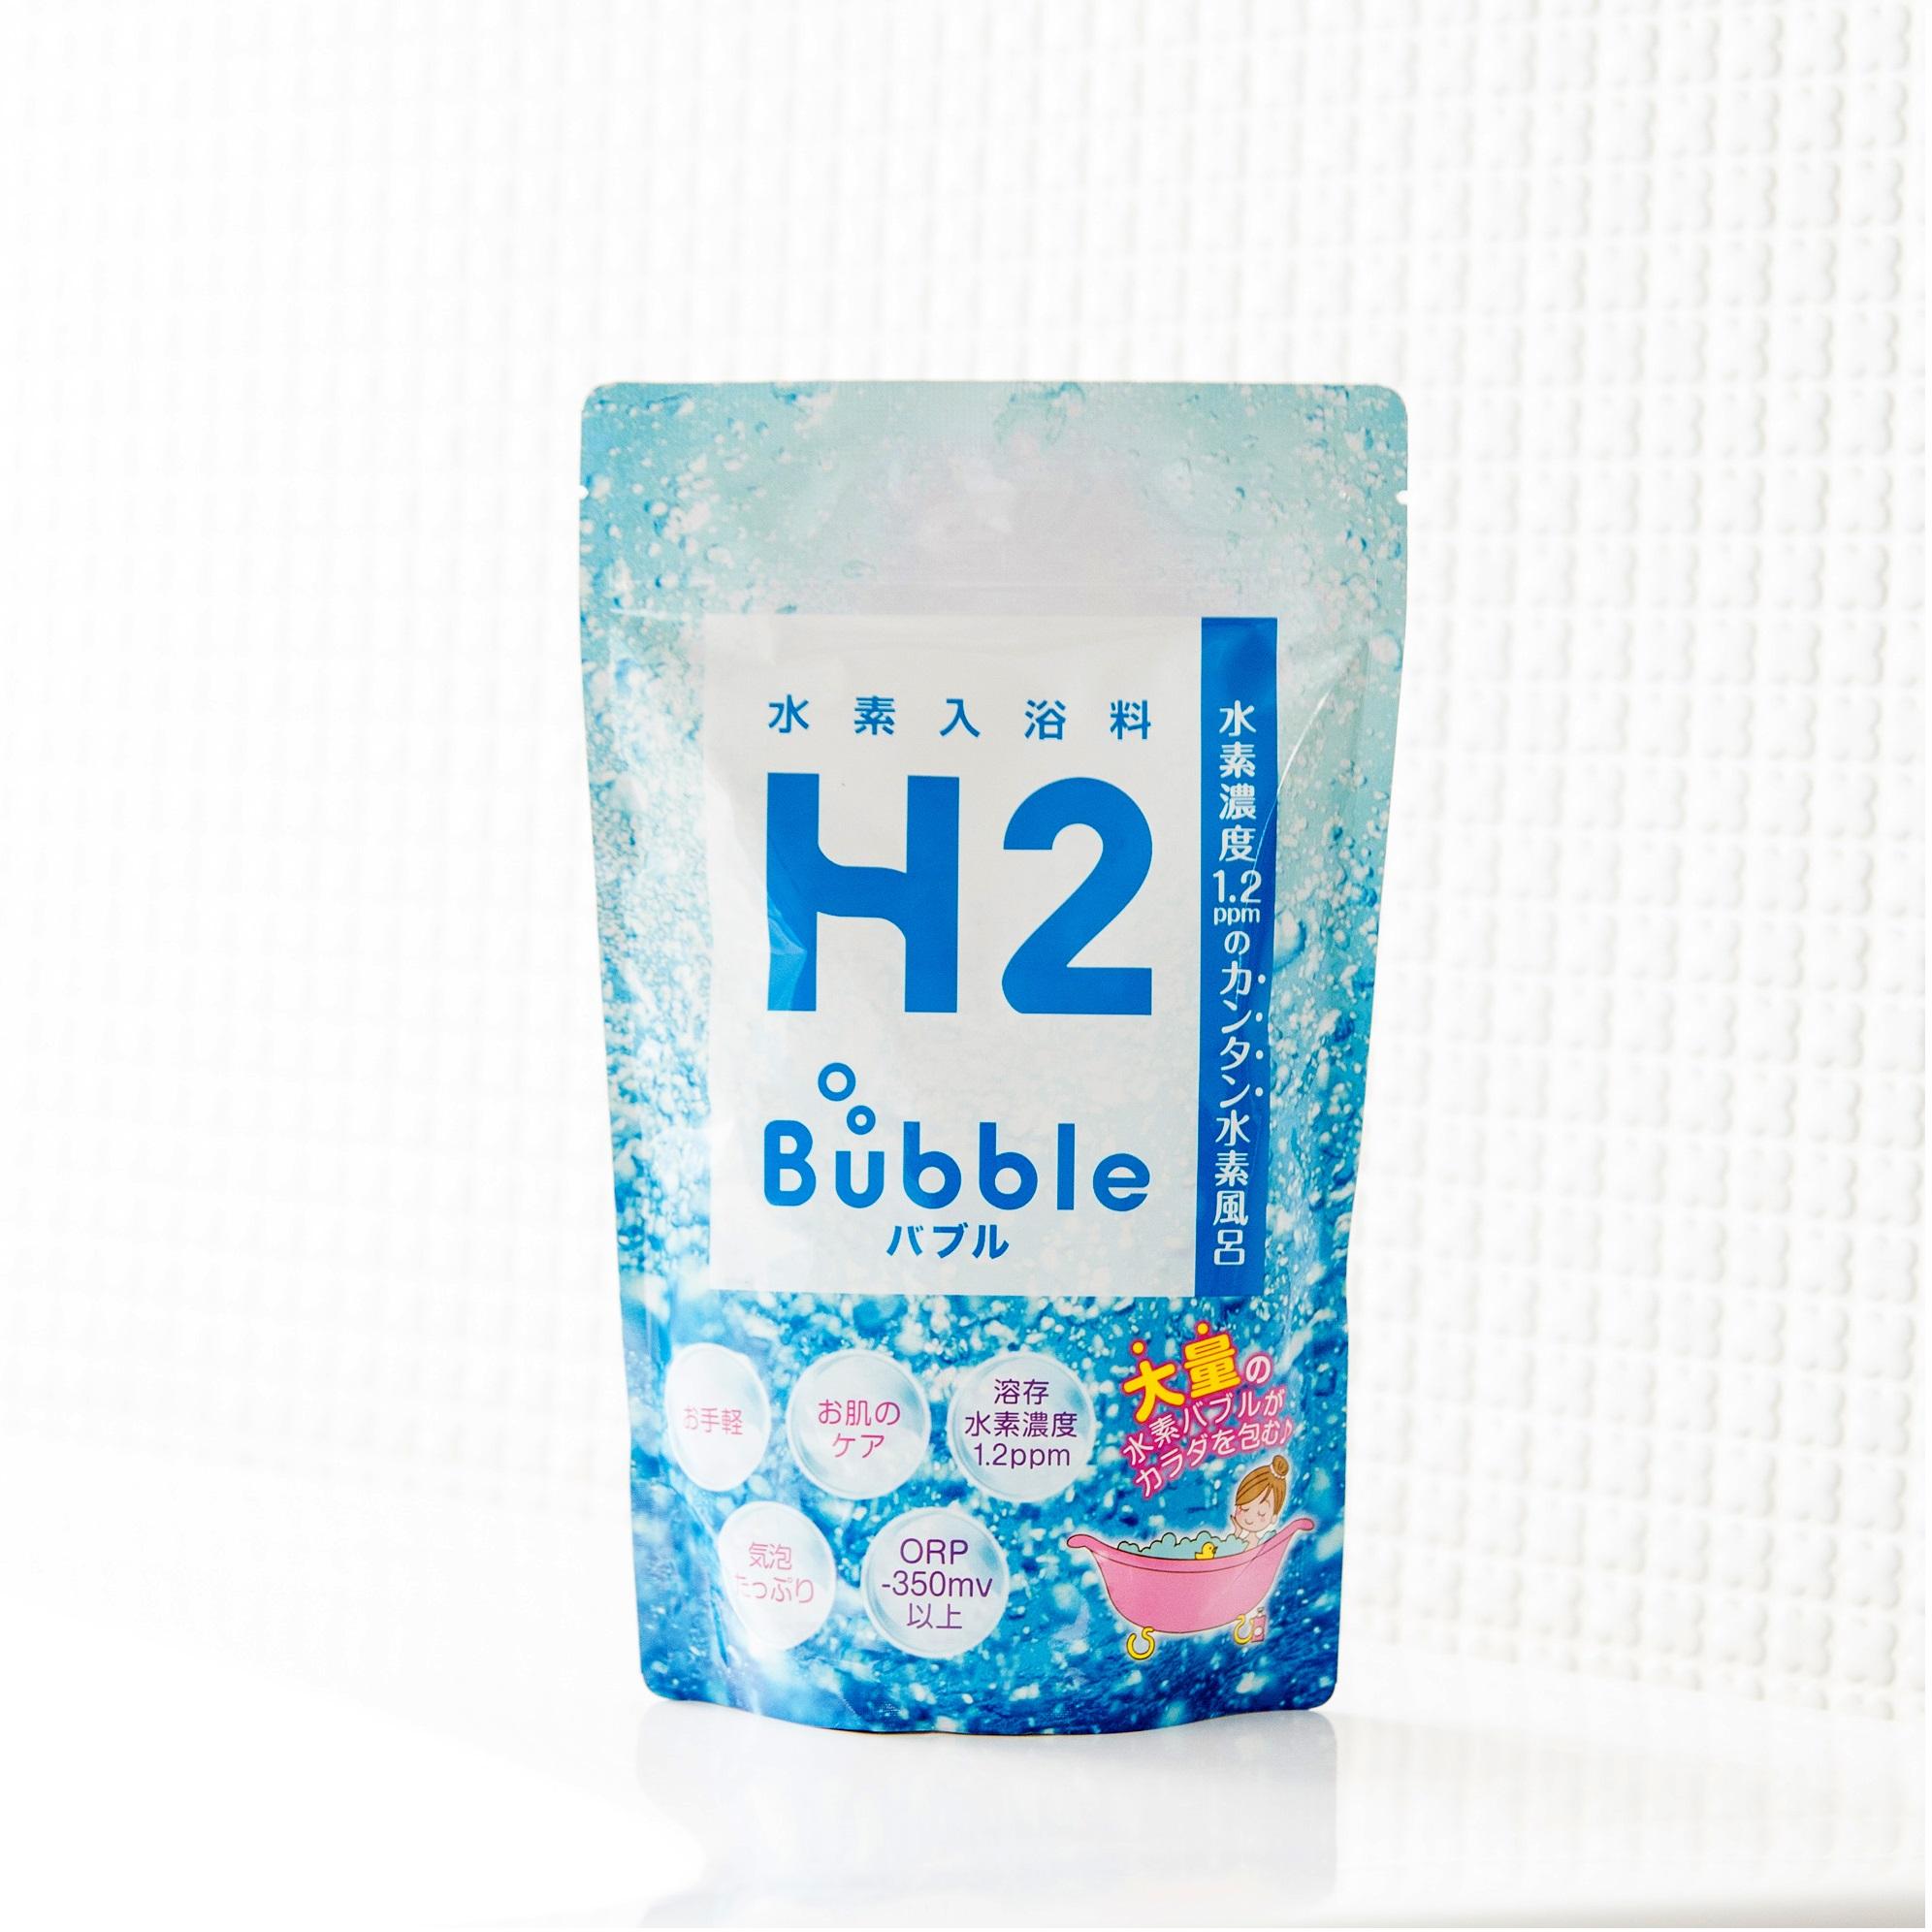 【アウトレット】水素入浴料 H2 Bubble(バブルバスパウダー)